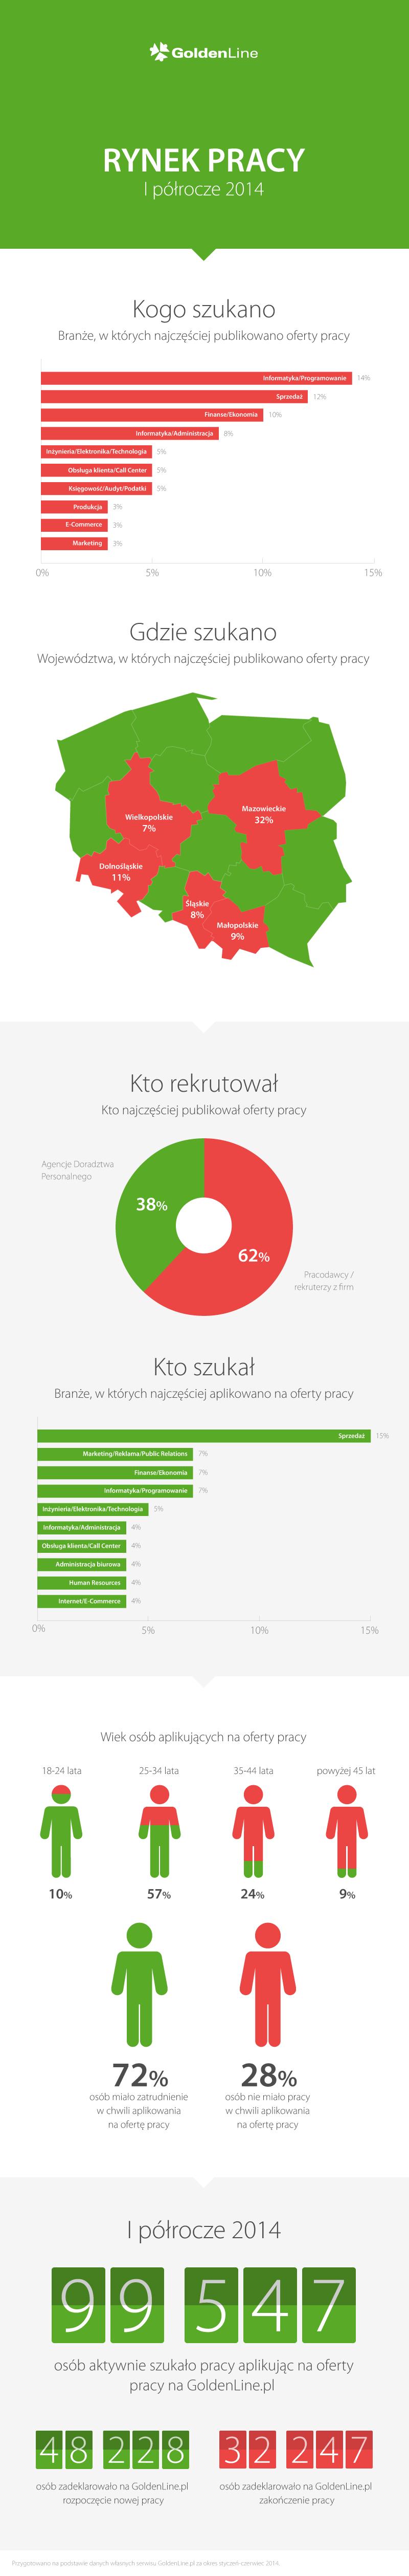 Rynek pracy I półrocze 2014 [infografika]